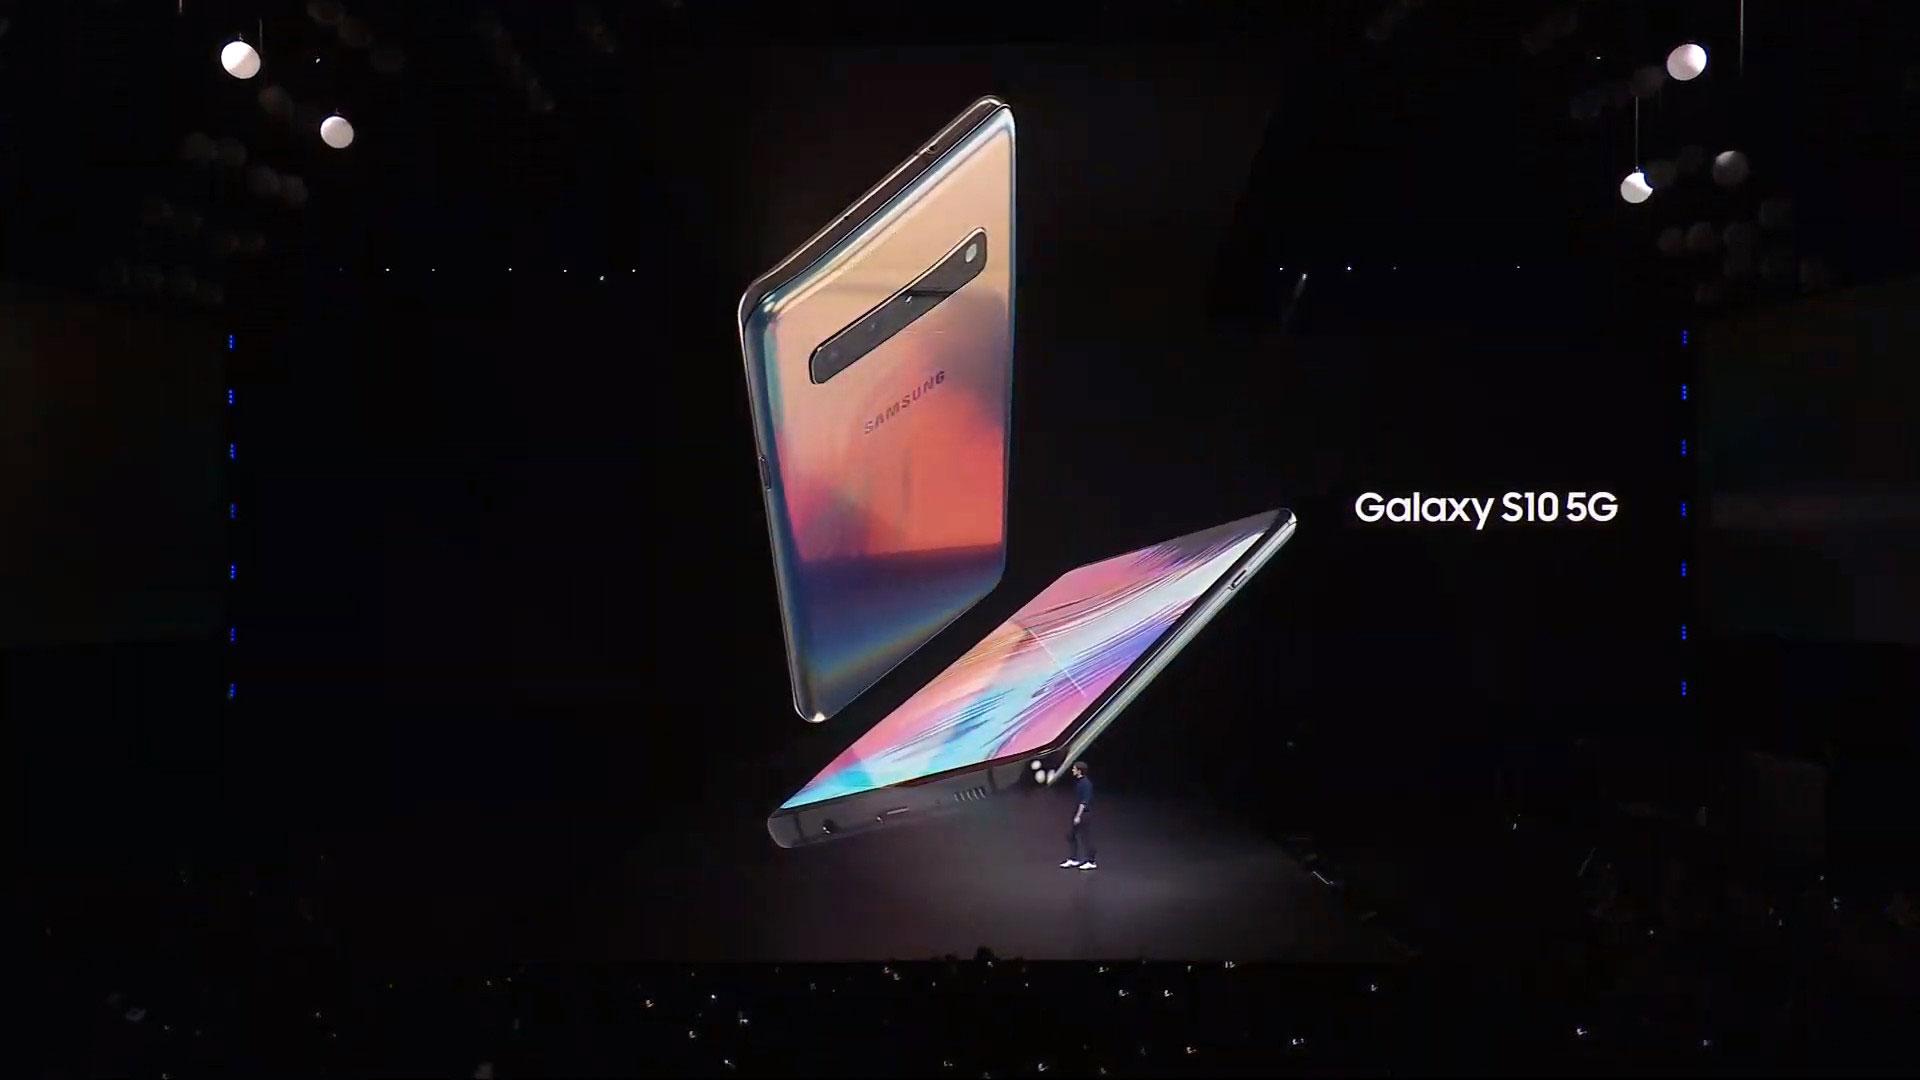 گلکسی اس ۱۰ 5G